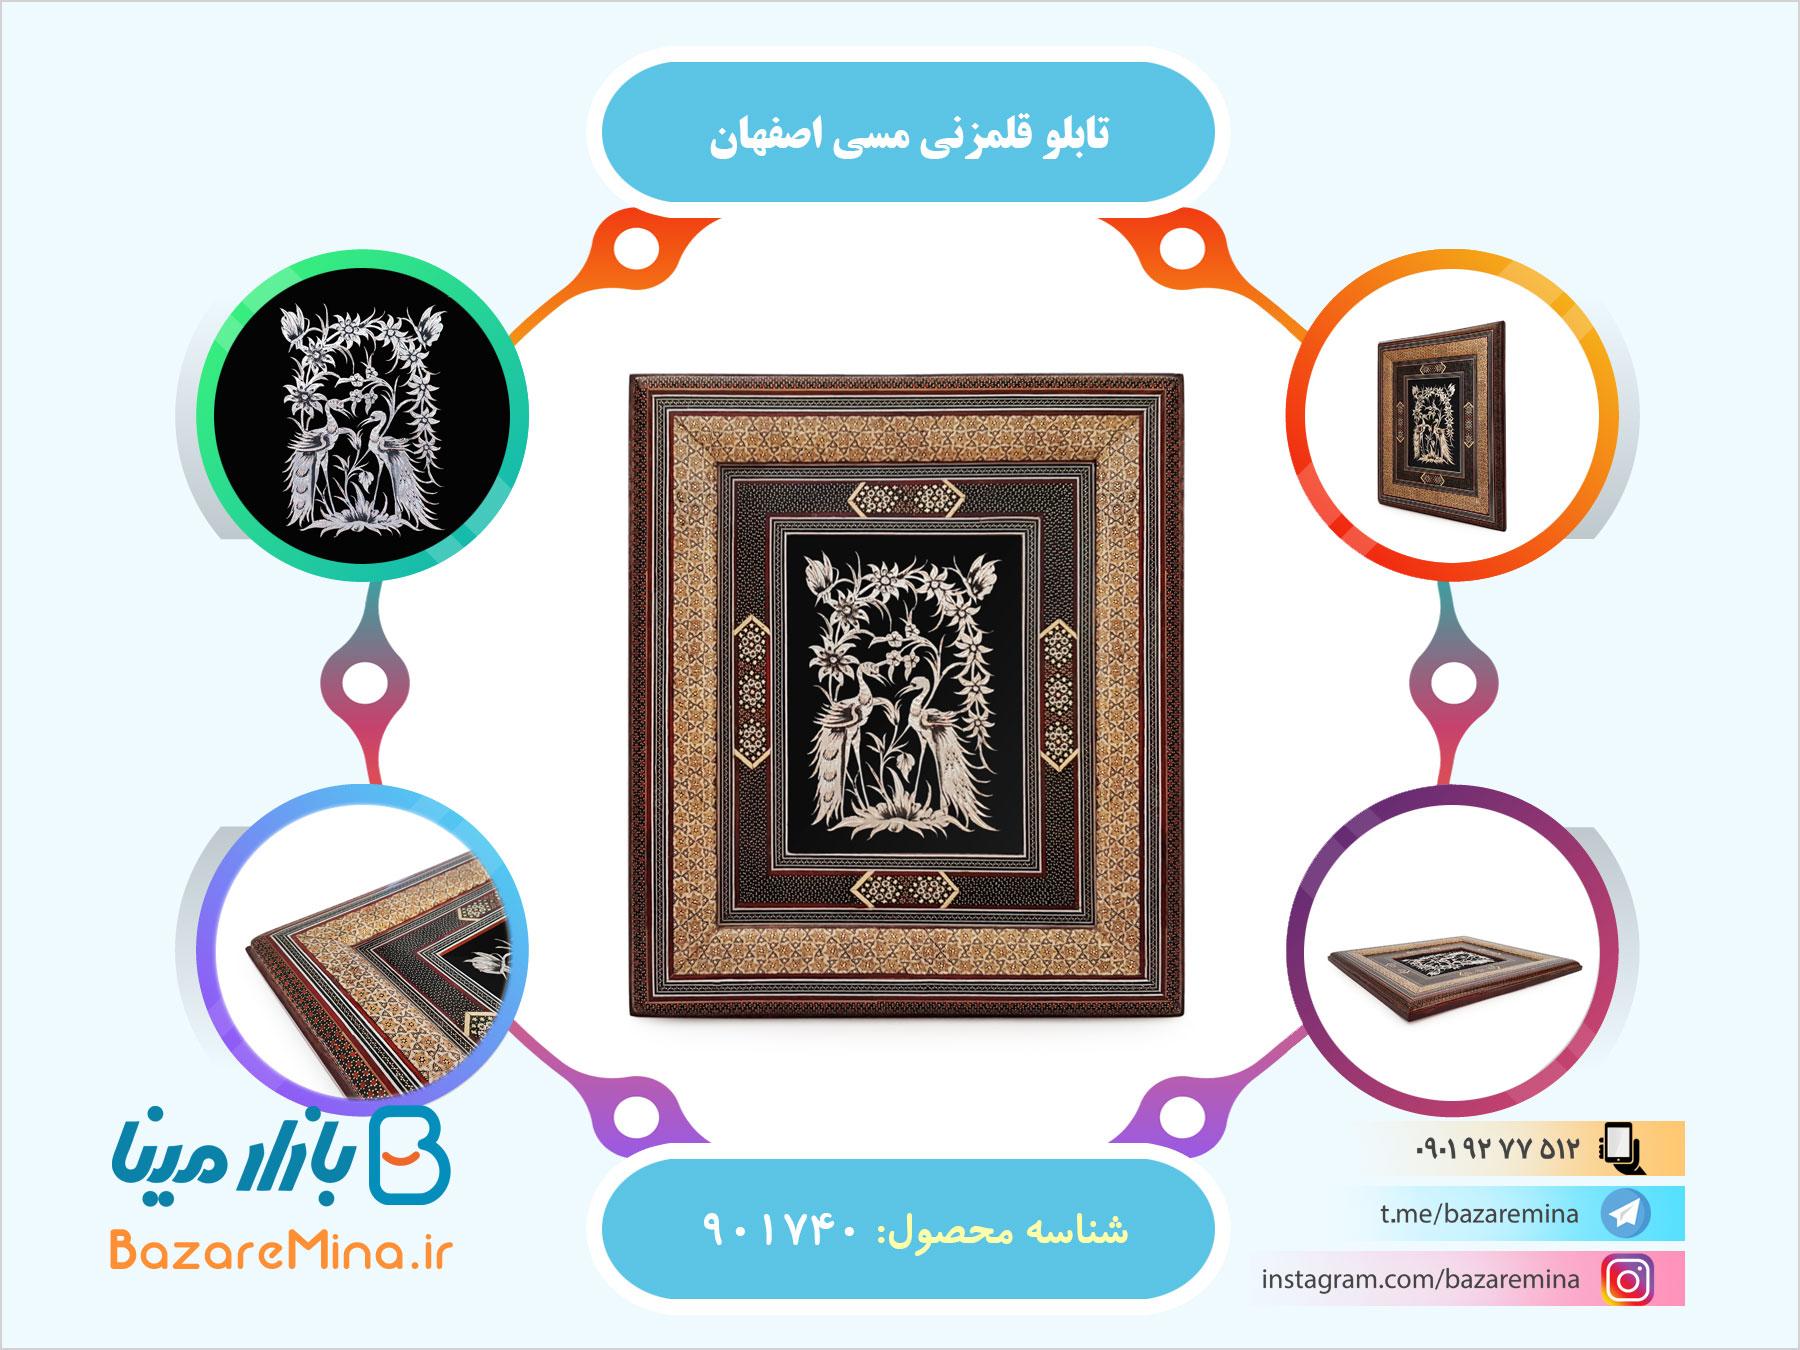 تابلو قلمزنی مسی اصفهان